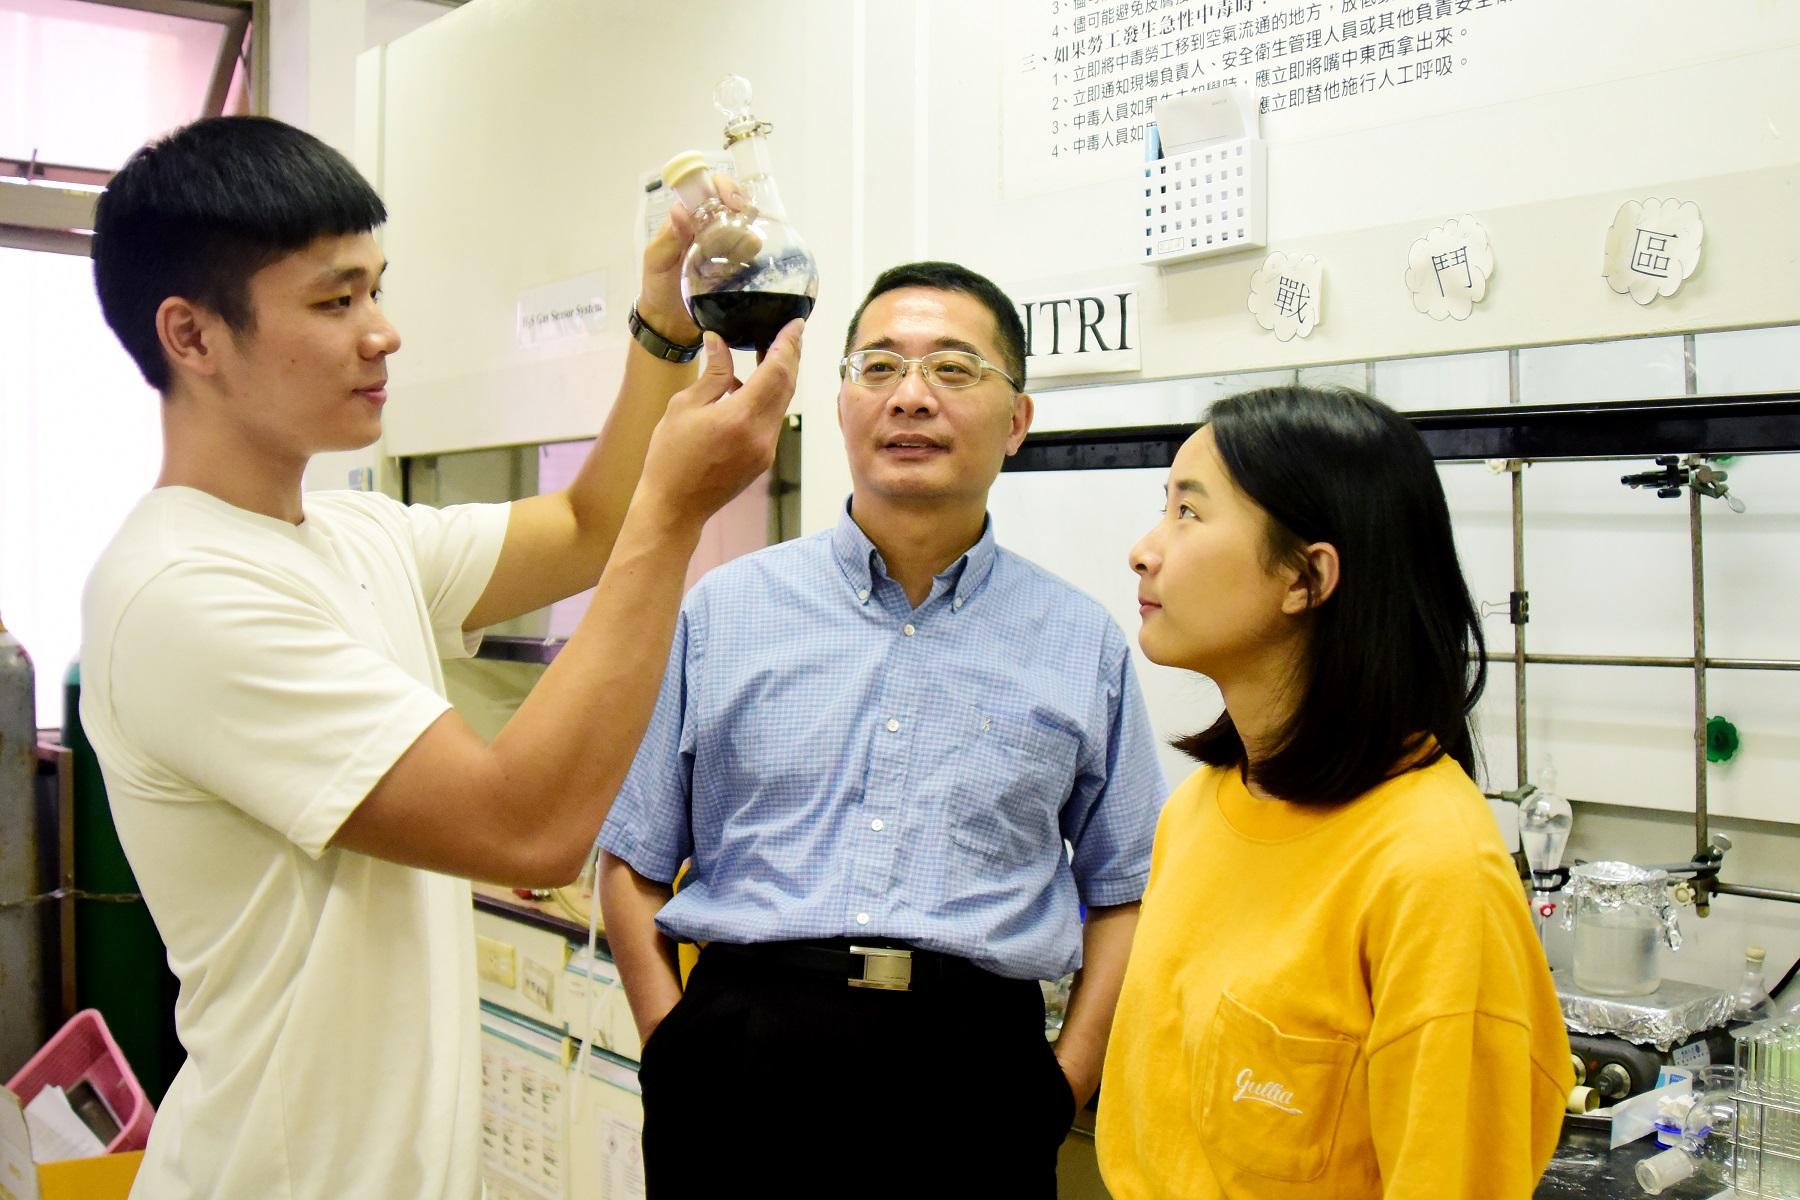 106研究傑出教師系列報導─化學系葉瑞銘:正能量思考!轉化學習的壓力成為驅動力!